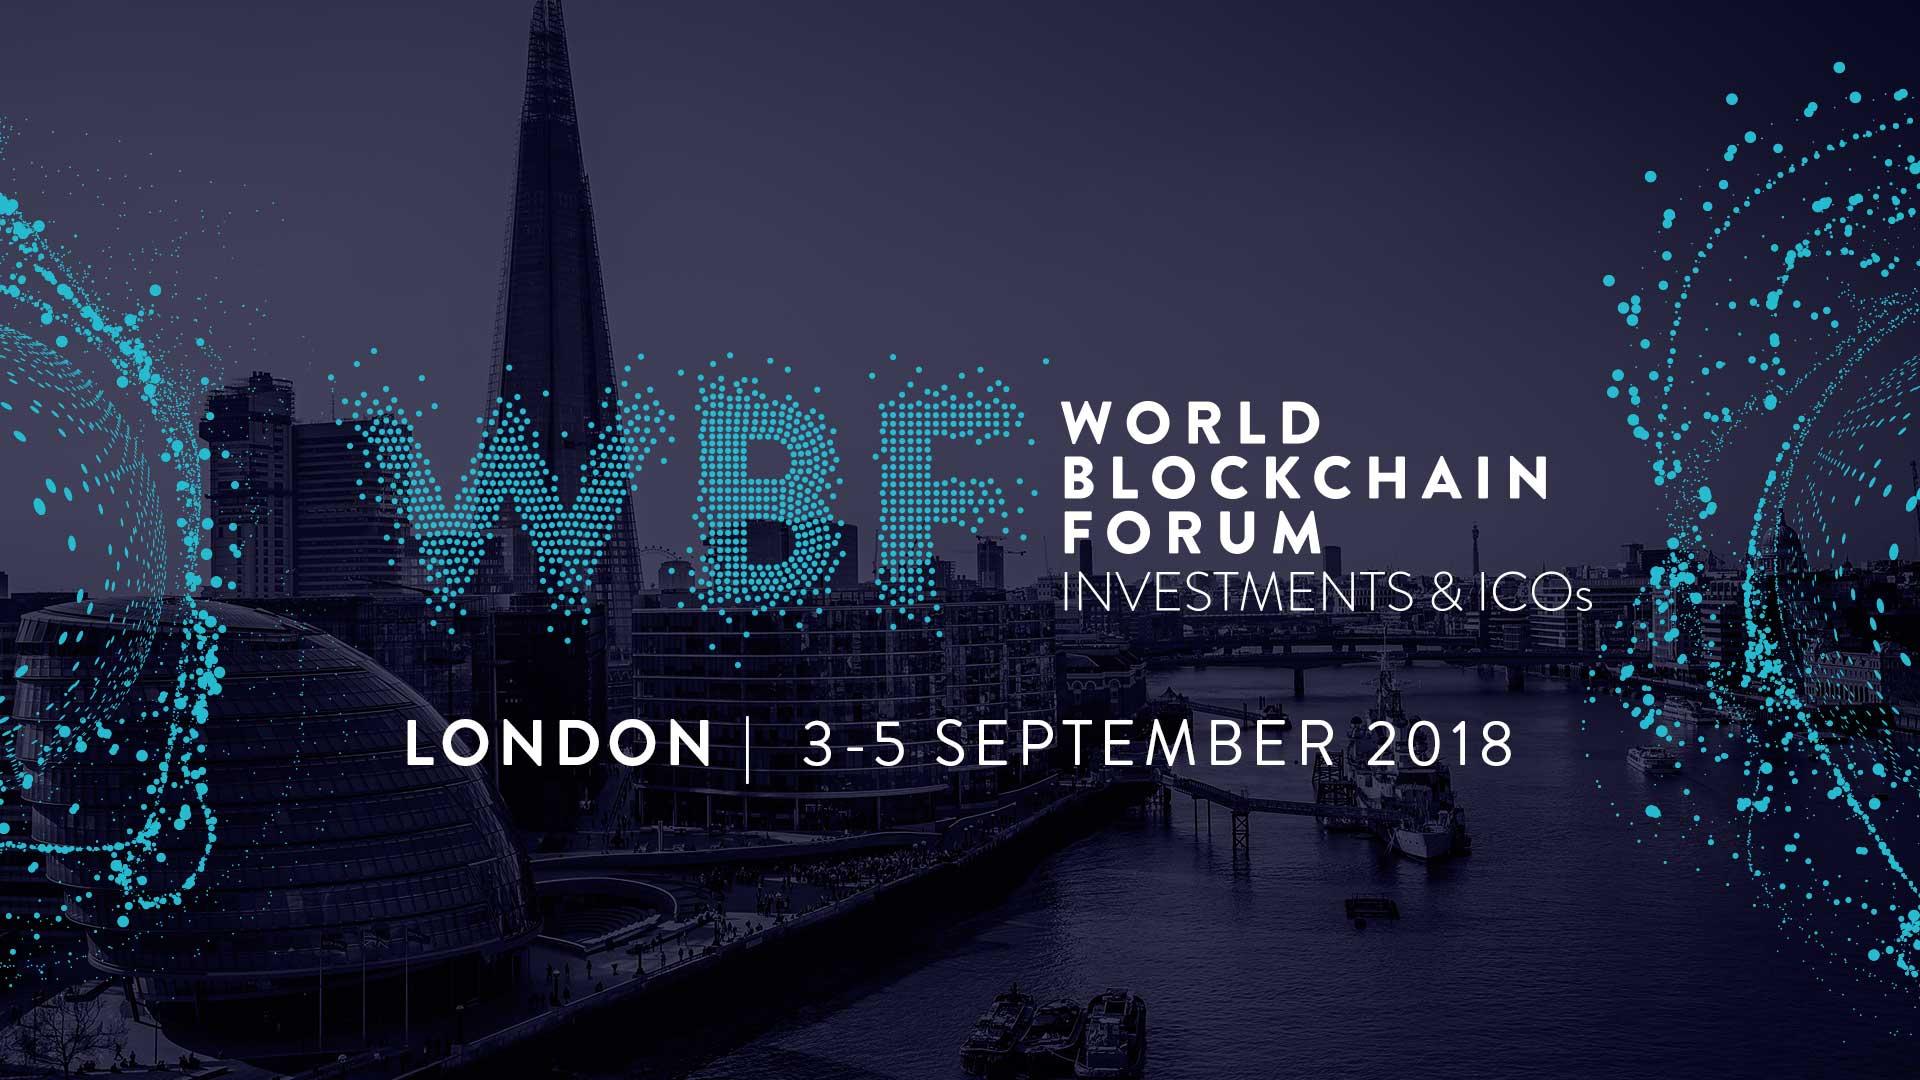 Wbf london